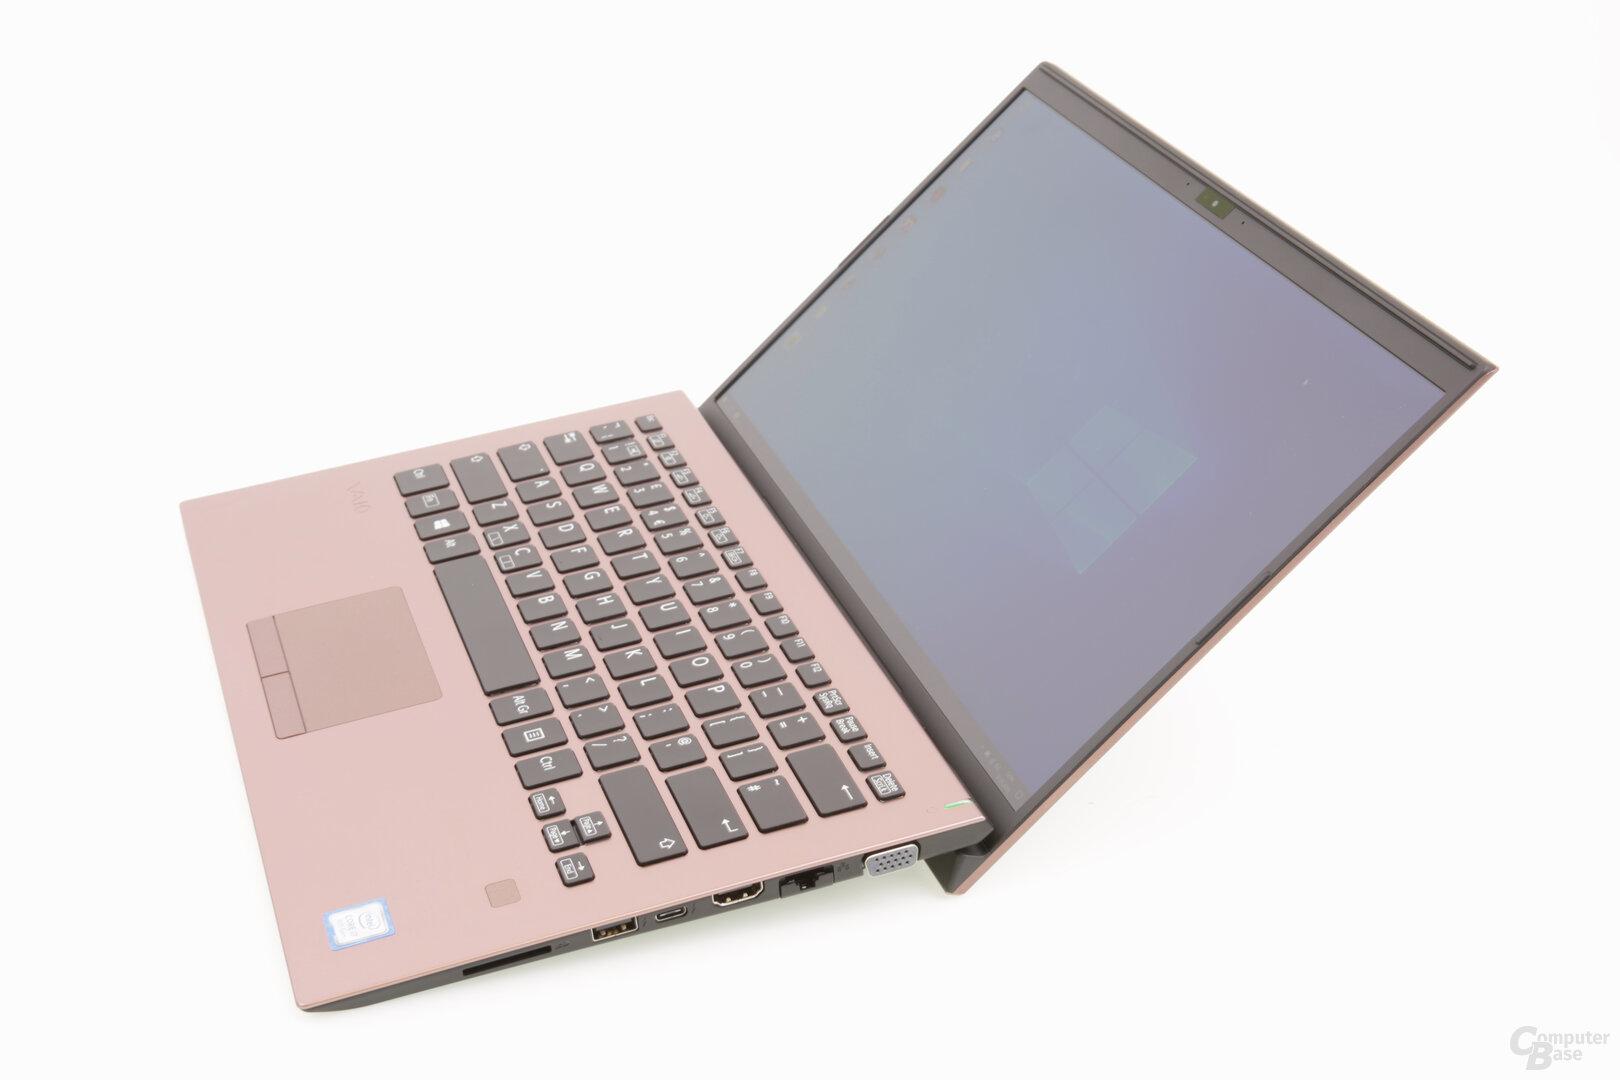 Notebook im geöffneten Maximalwinkel